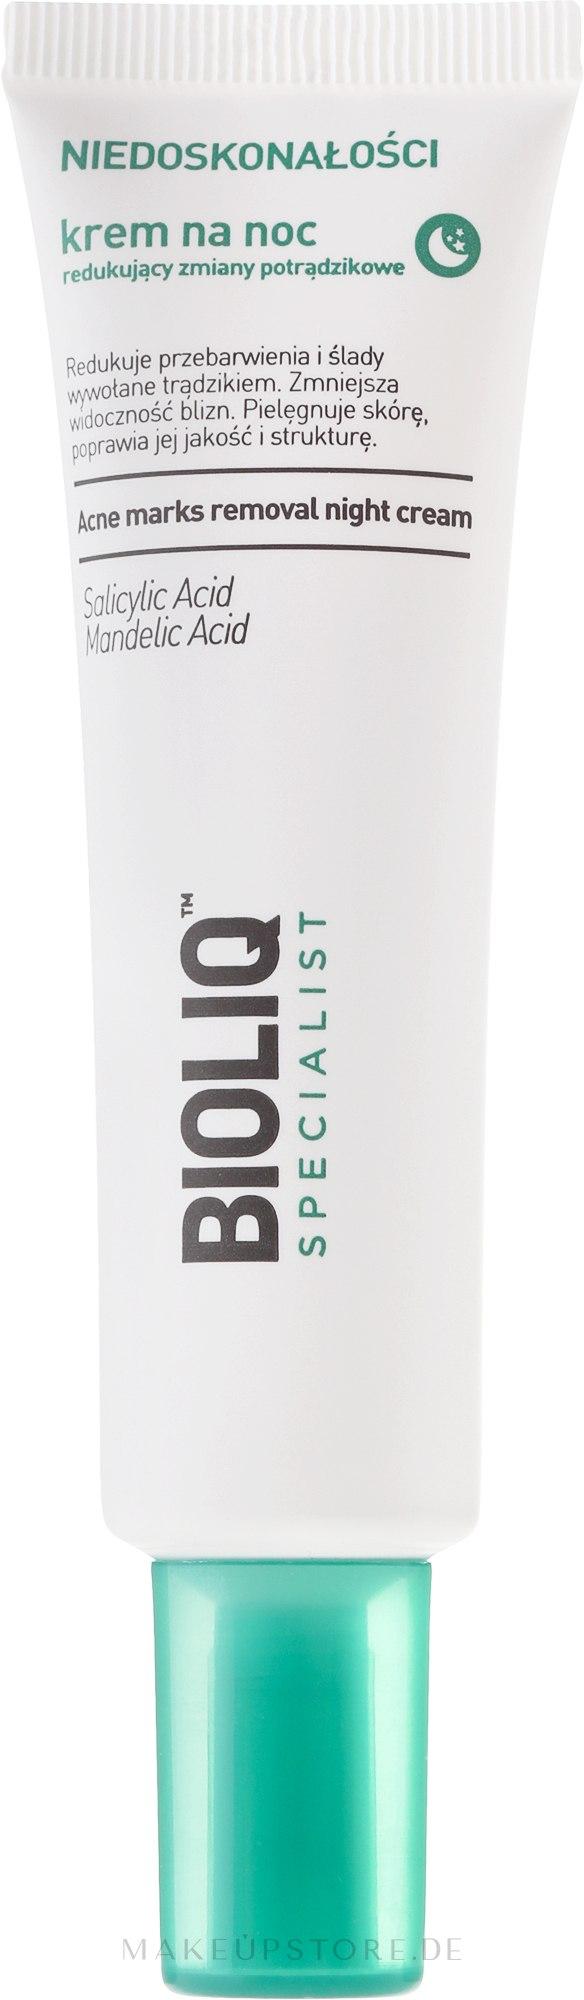 Beruhigende Nachtcreme gegen Akne - Bioliq Specialist Acne Marks Removal Night Cream — Bild 30 ml